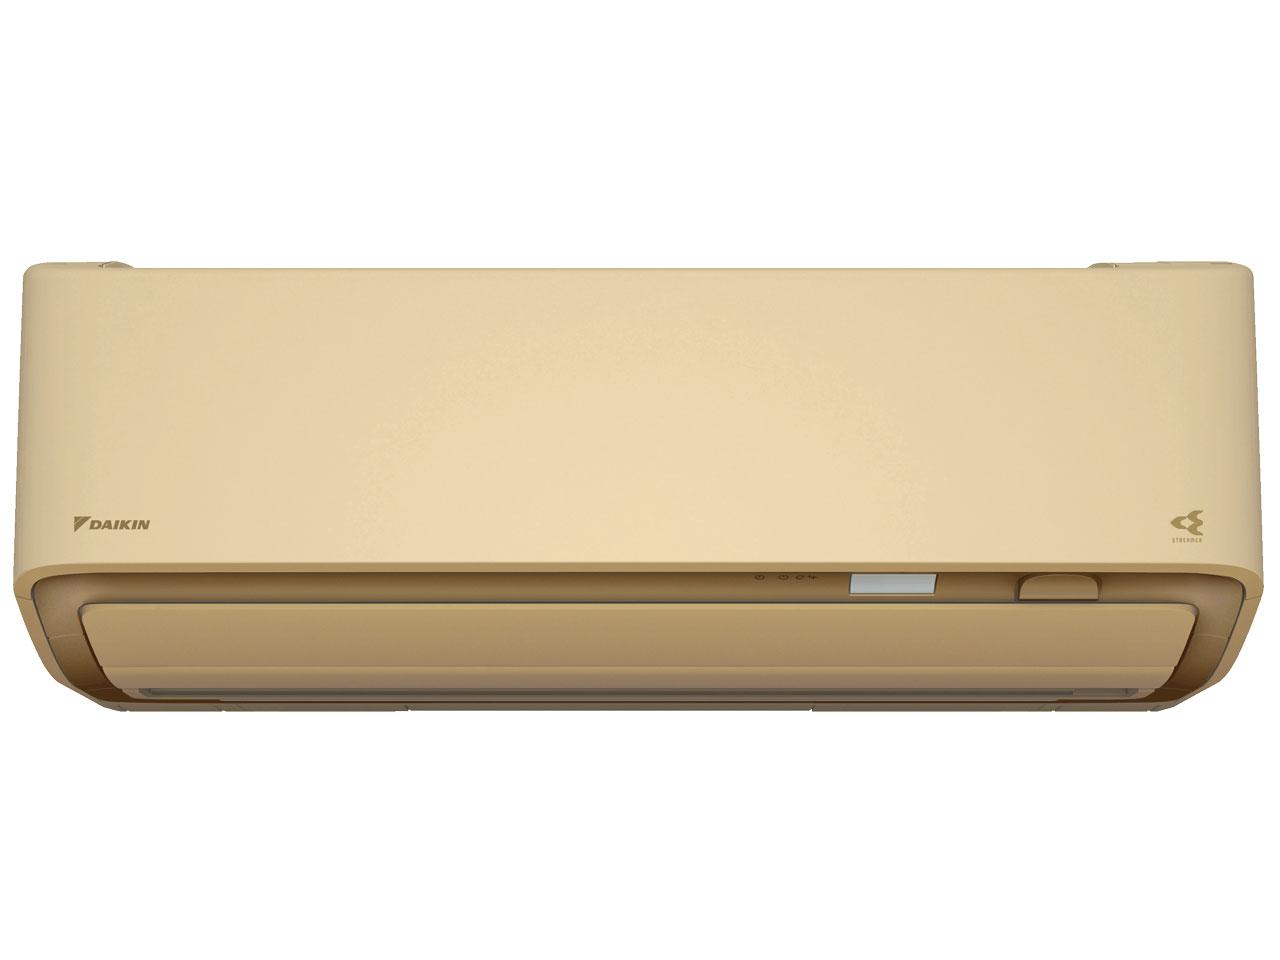 ダイキン 19年モデル DXシリーズ S25WTDXS-C 【100V用】8畳用冷暖房除湿エアコン